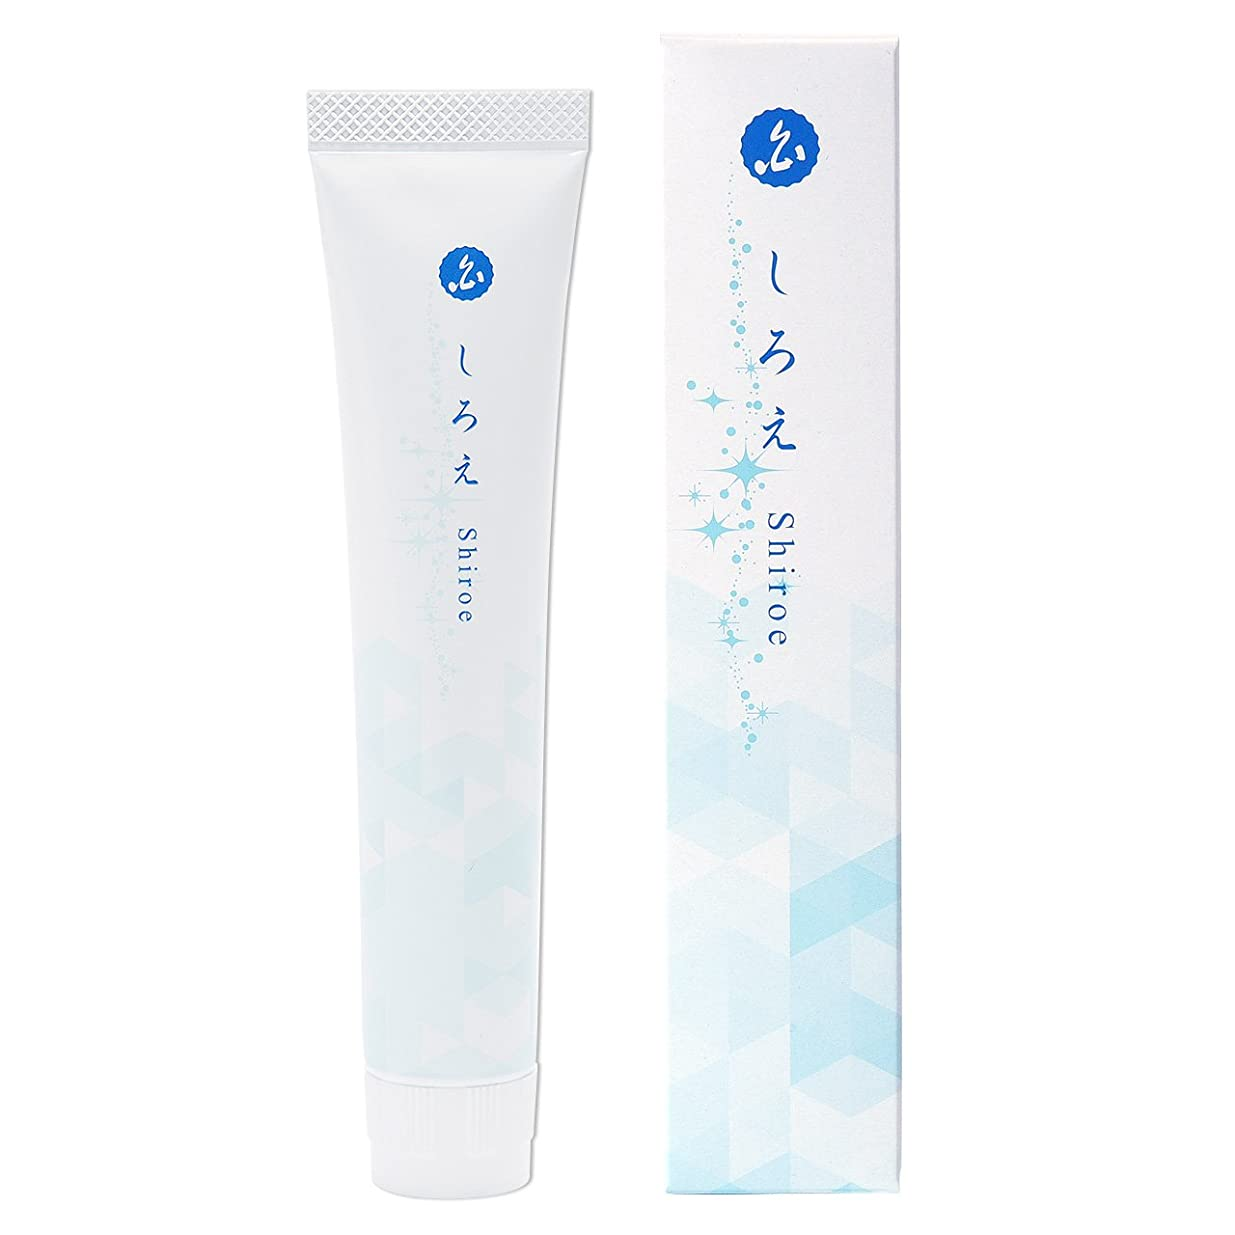 出演者コンプリート排他的しろえ 歯磨きジェル 薬用 ホワイトニング歯磨き粉 医薬部外品 はみがき粉 50g 日本製